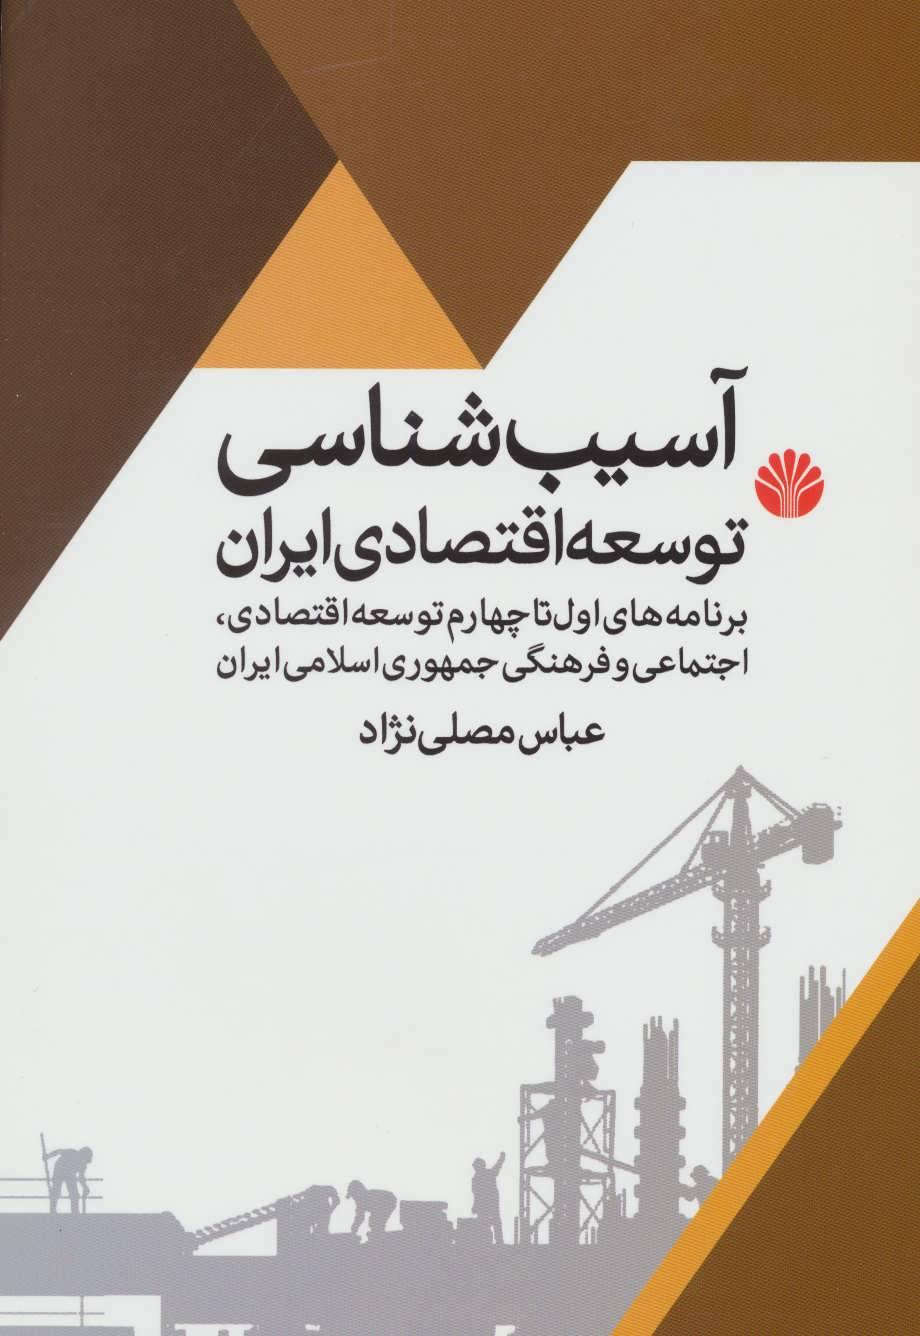 آسیب شناسی توسعه اقتصادی ایران (برنامه اول تا چهارم توسعه اقتصادی،اجتماعی و فرهنگی جمهوری اسلامی…)